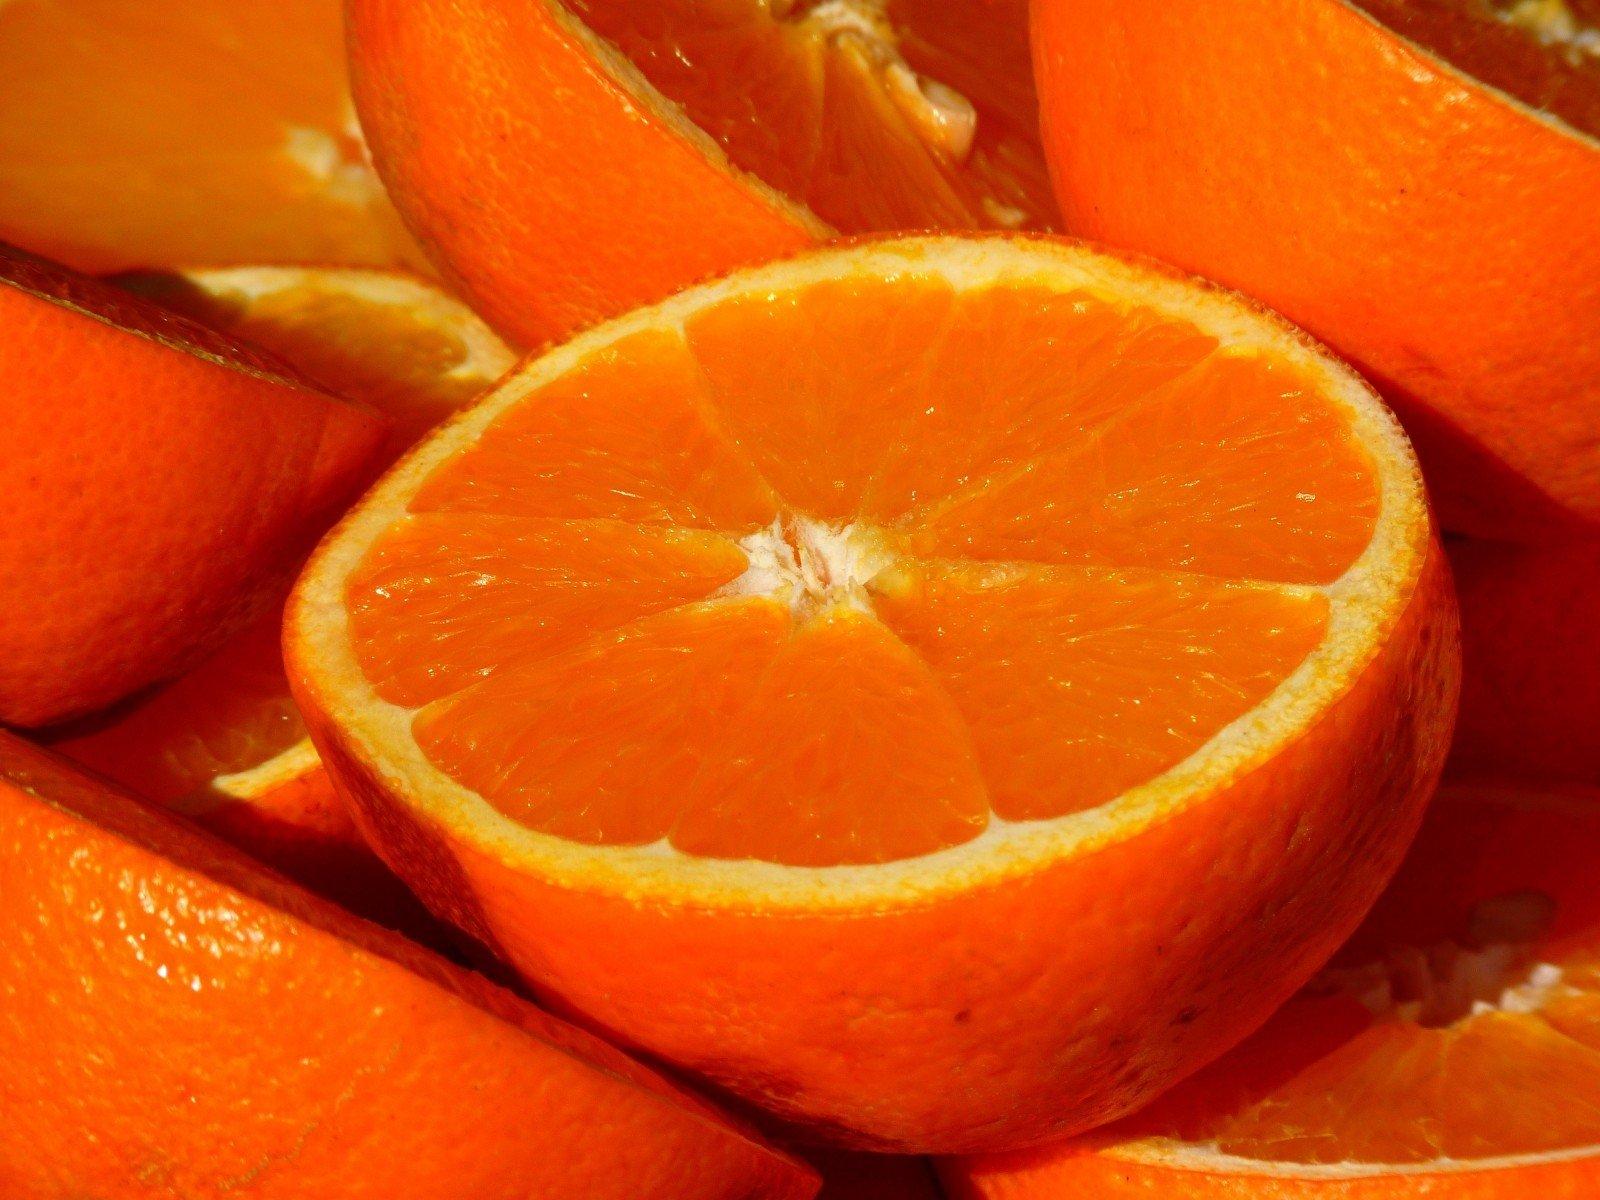 ▲ 柑橘外型飽滿討喜,又象徵大吉大利、吉祥好運。